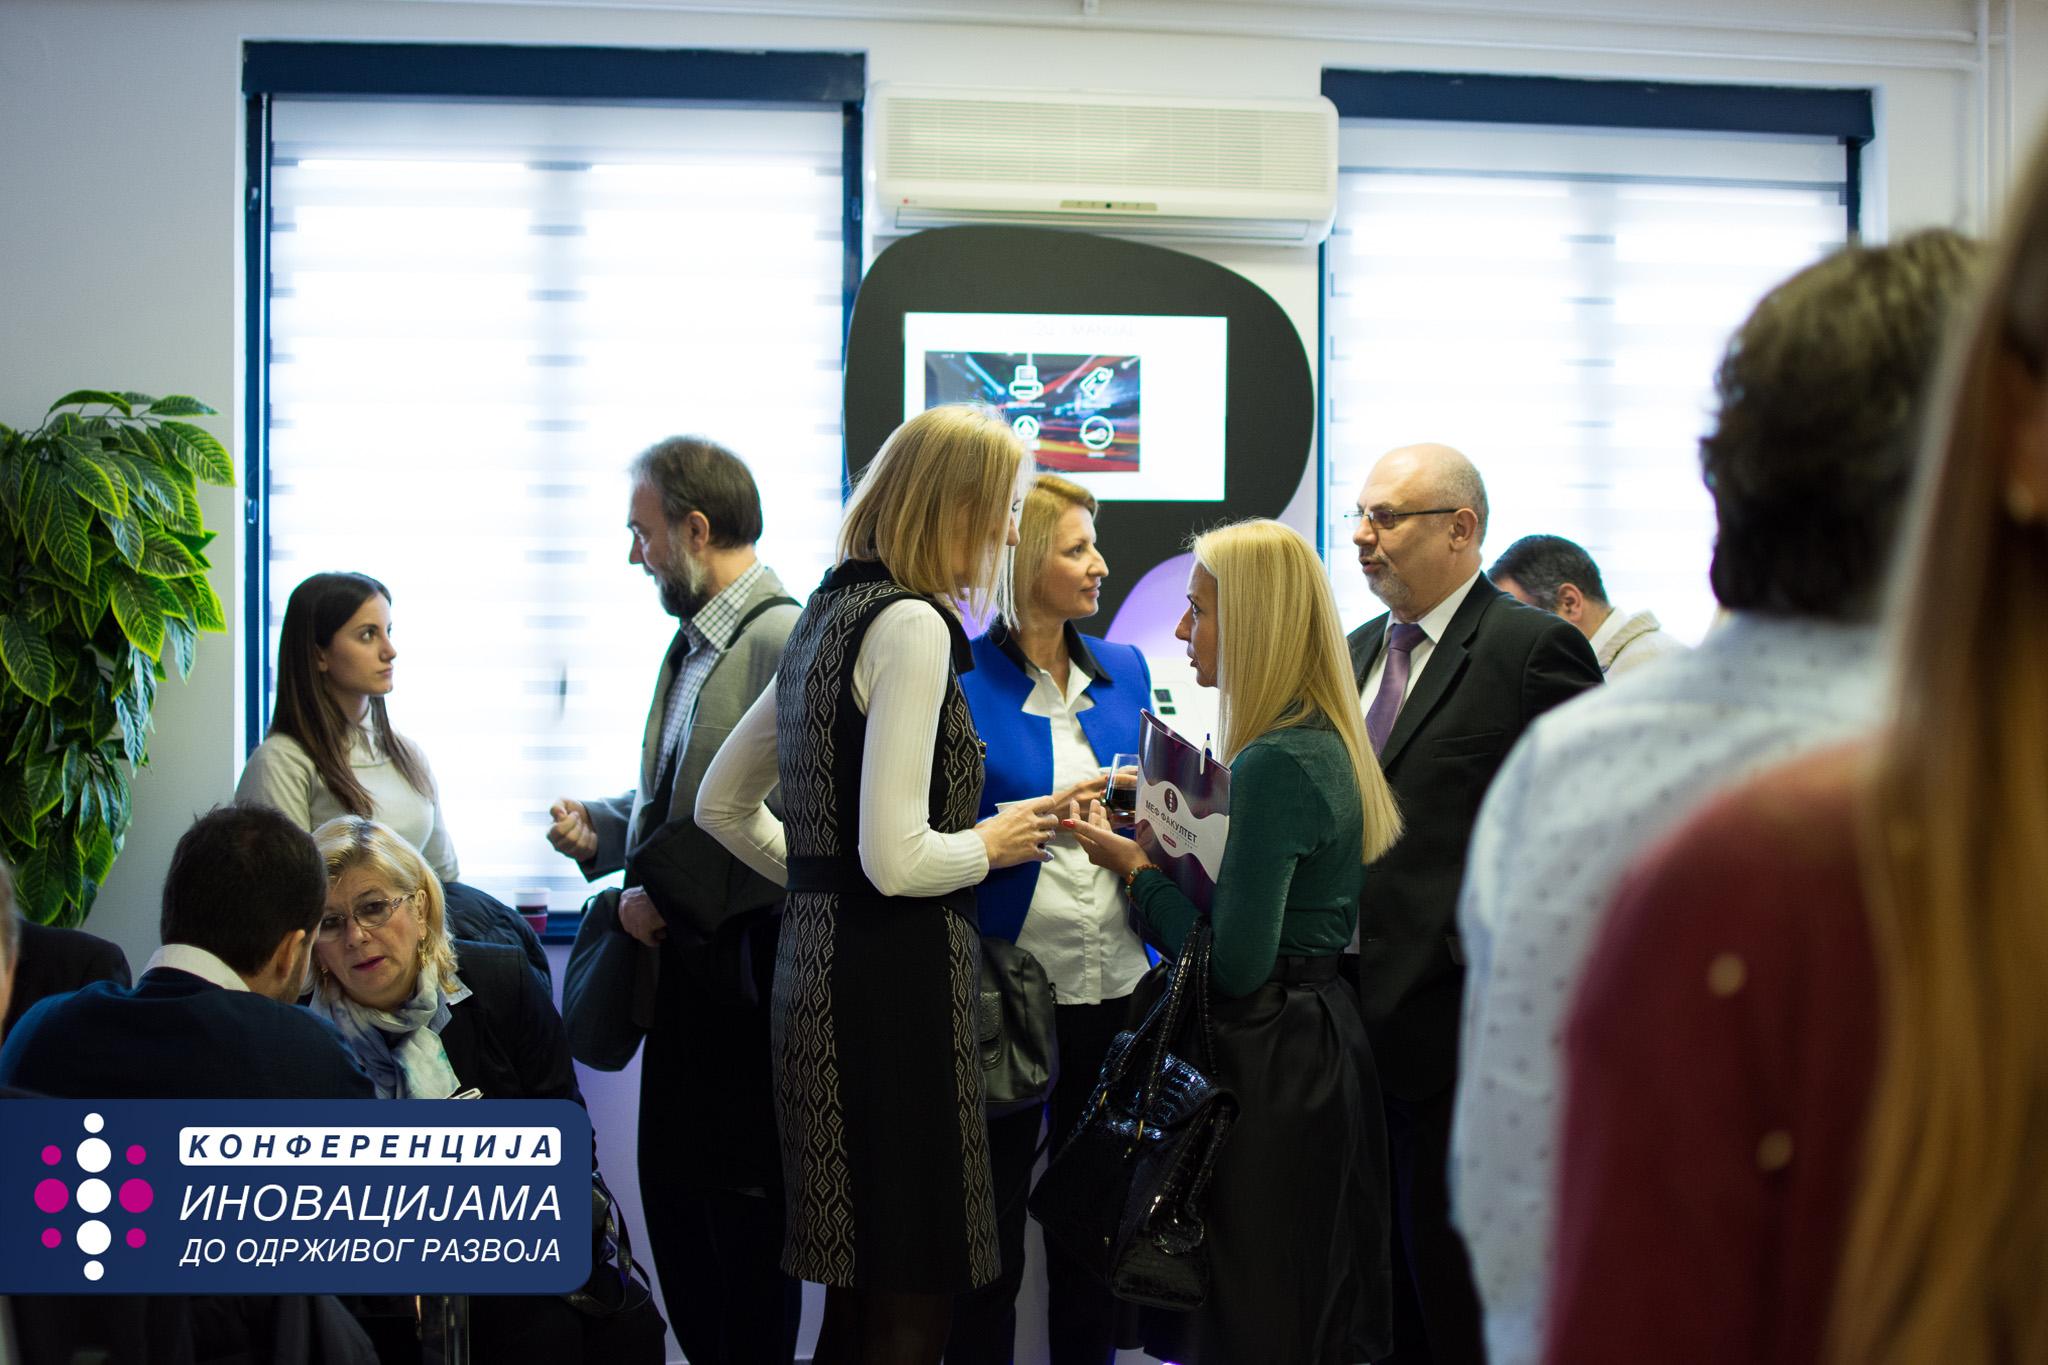 MEF Fakultet - izvestaj sa konferencije 48